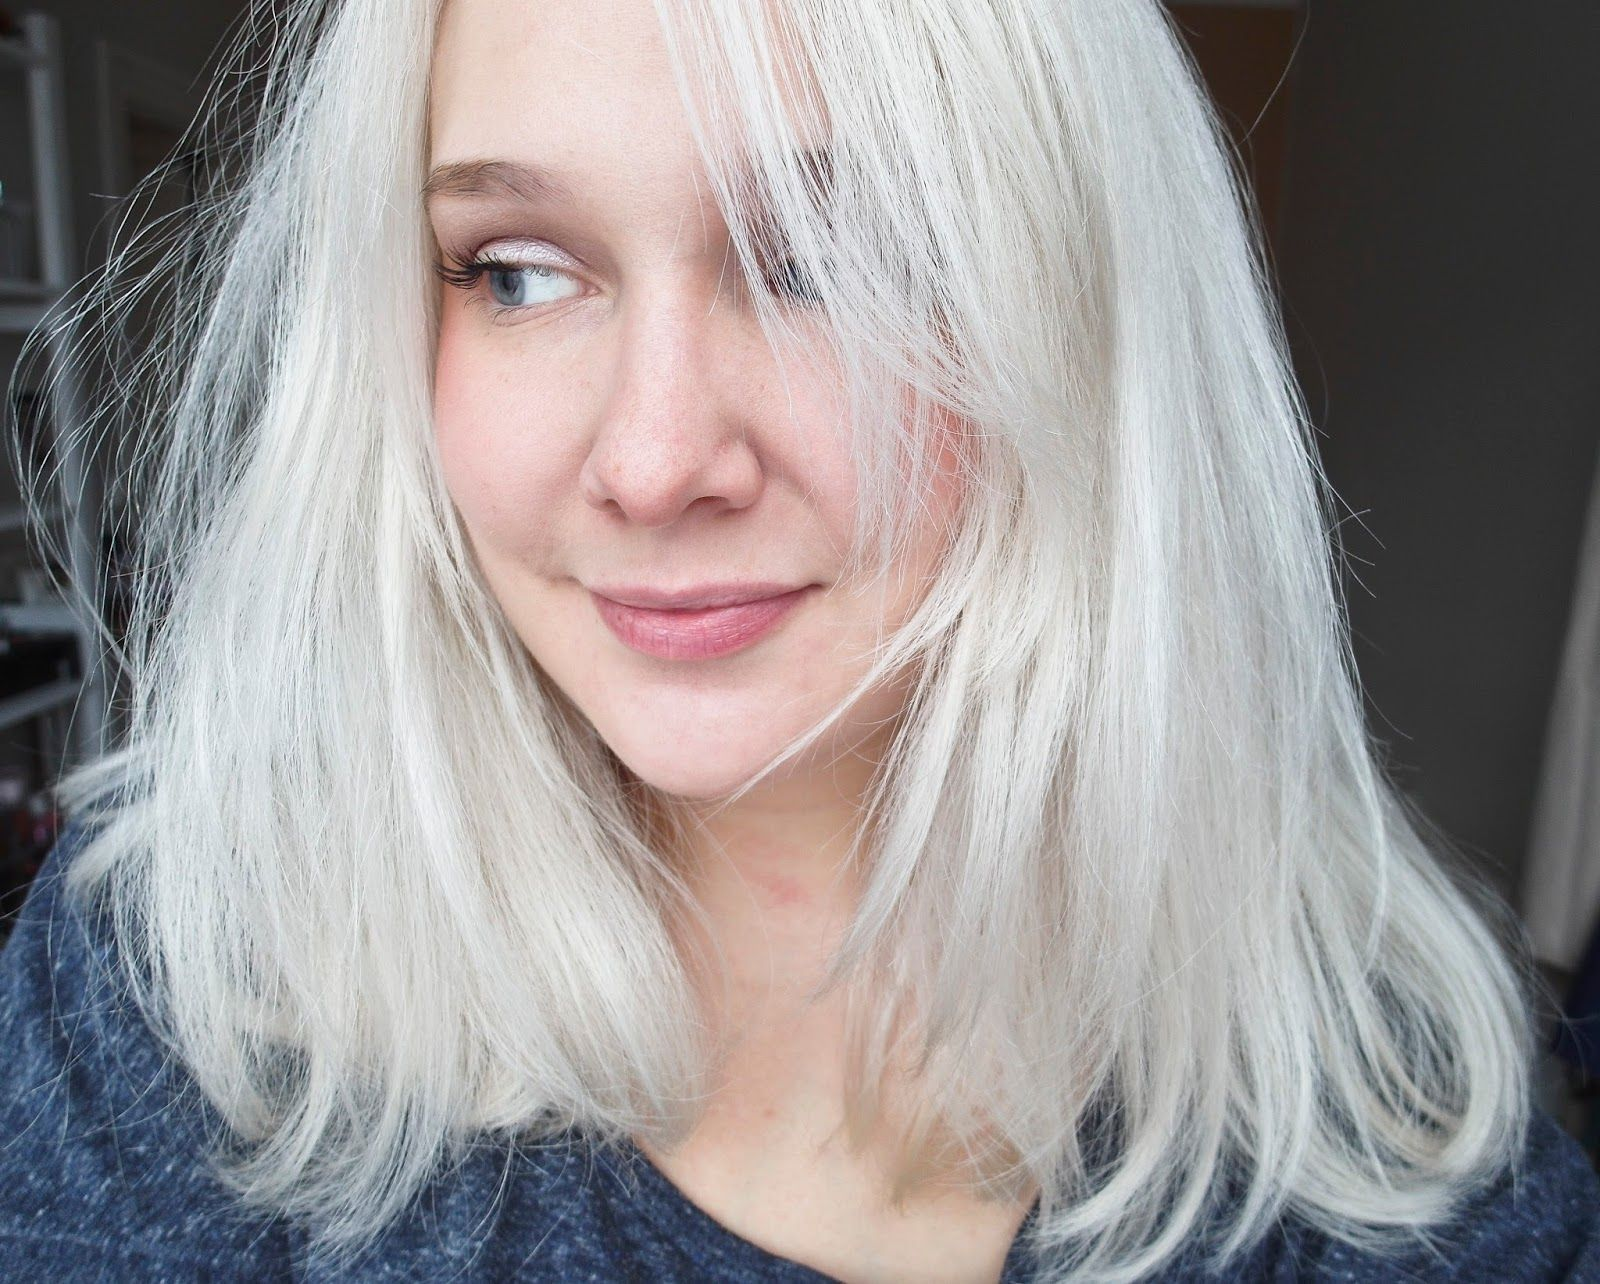 Le blond presque blanc mes conseils pour une d coloration la maison les folies de cecy - Cheveux blond blanc ...